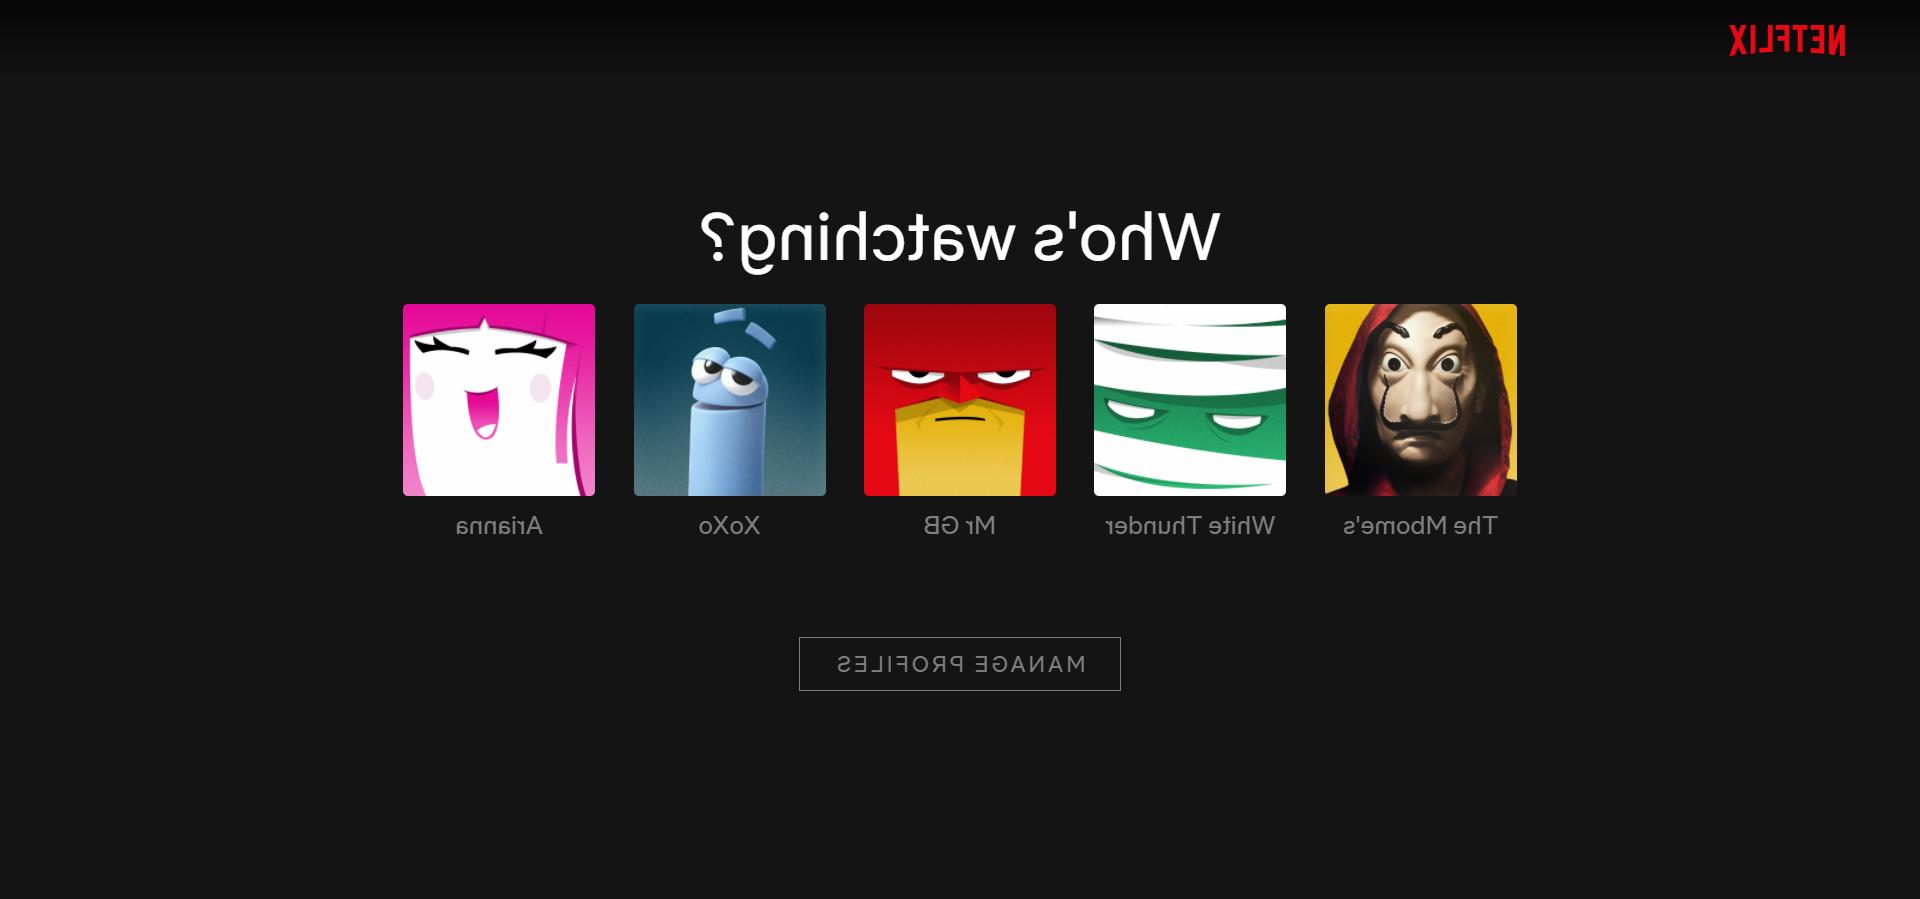 Comment faire pour avoir Netflix gratuit ?